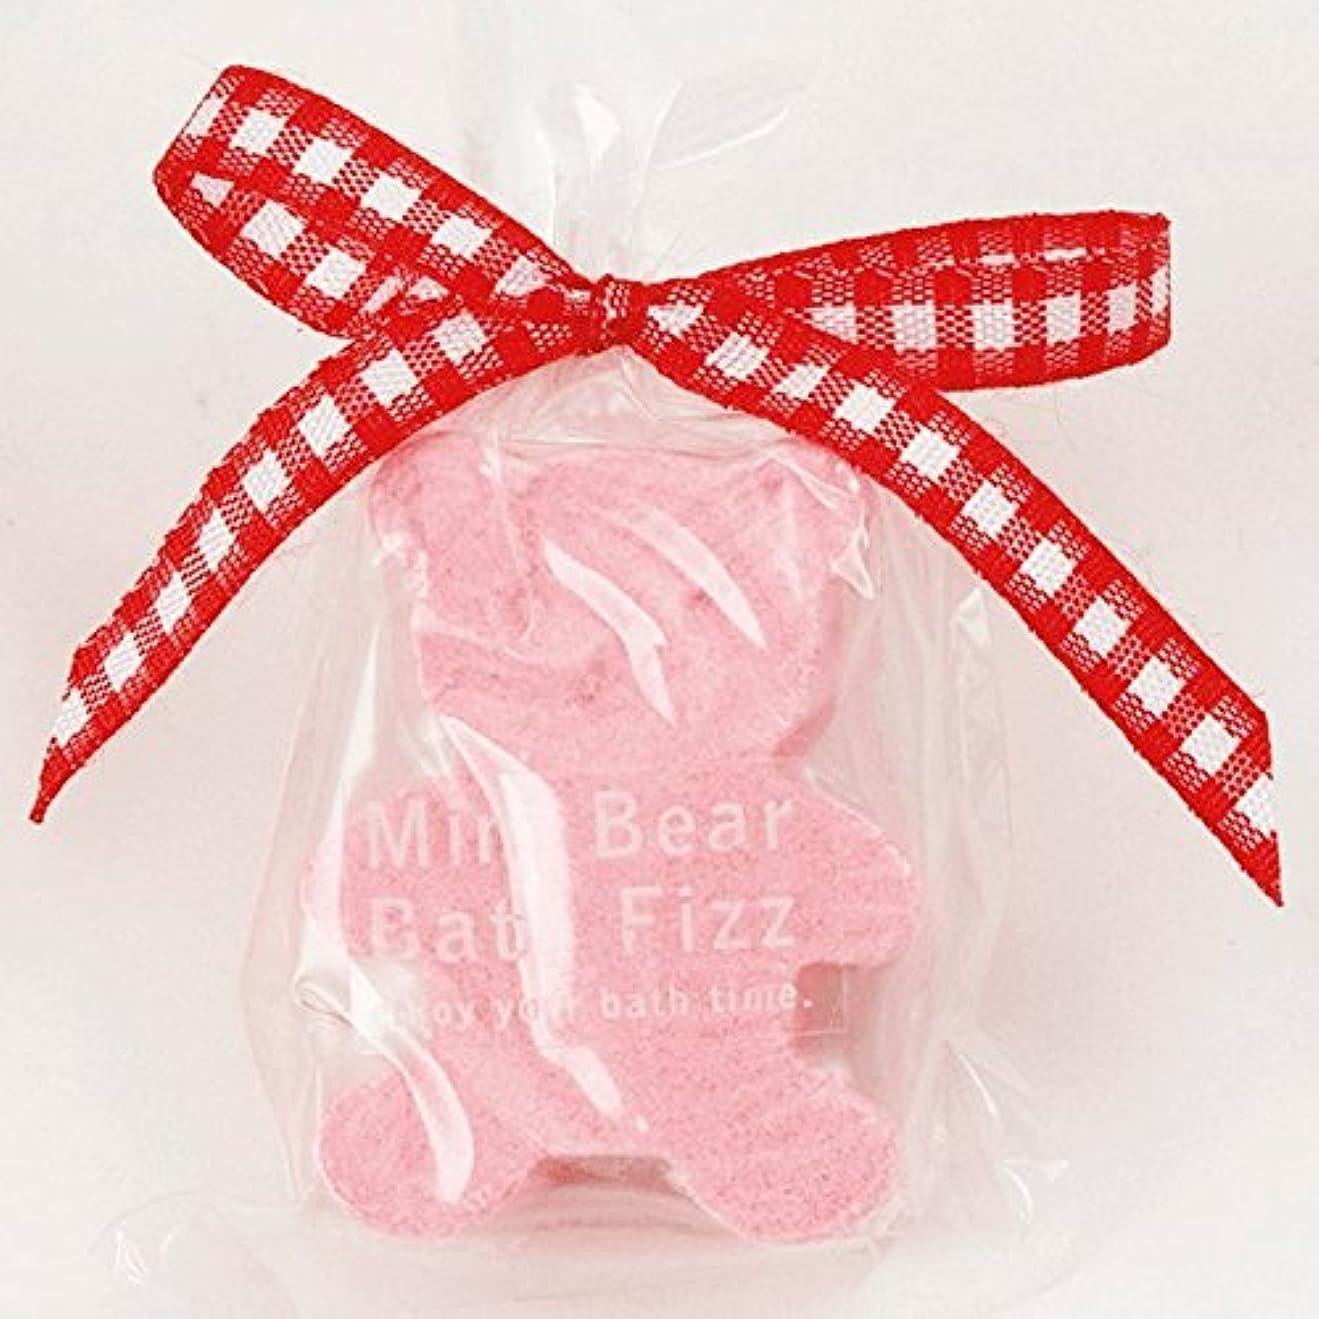 リスキーな石スクラップミニベアdeバスフィズ(入浴剤のプチギフト)ピンク【結婚式 バスグッズ くま】